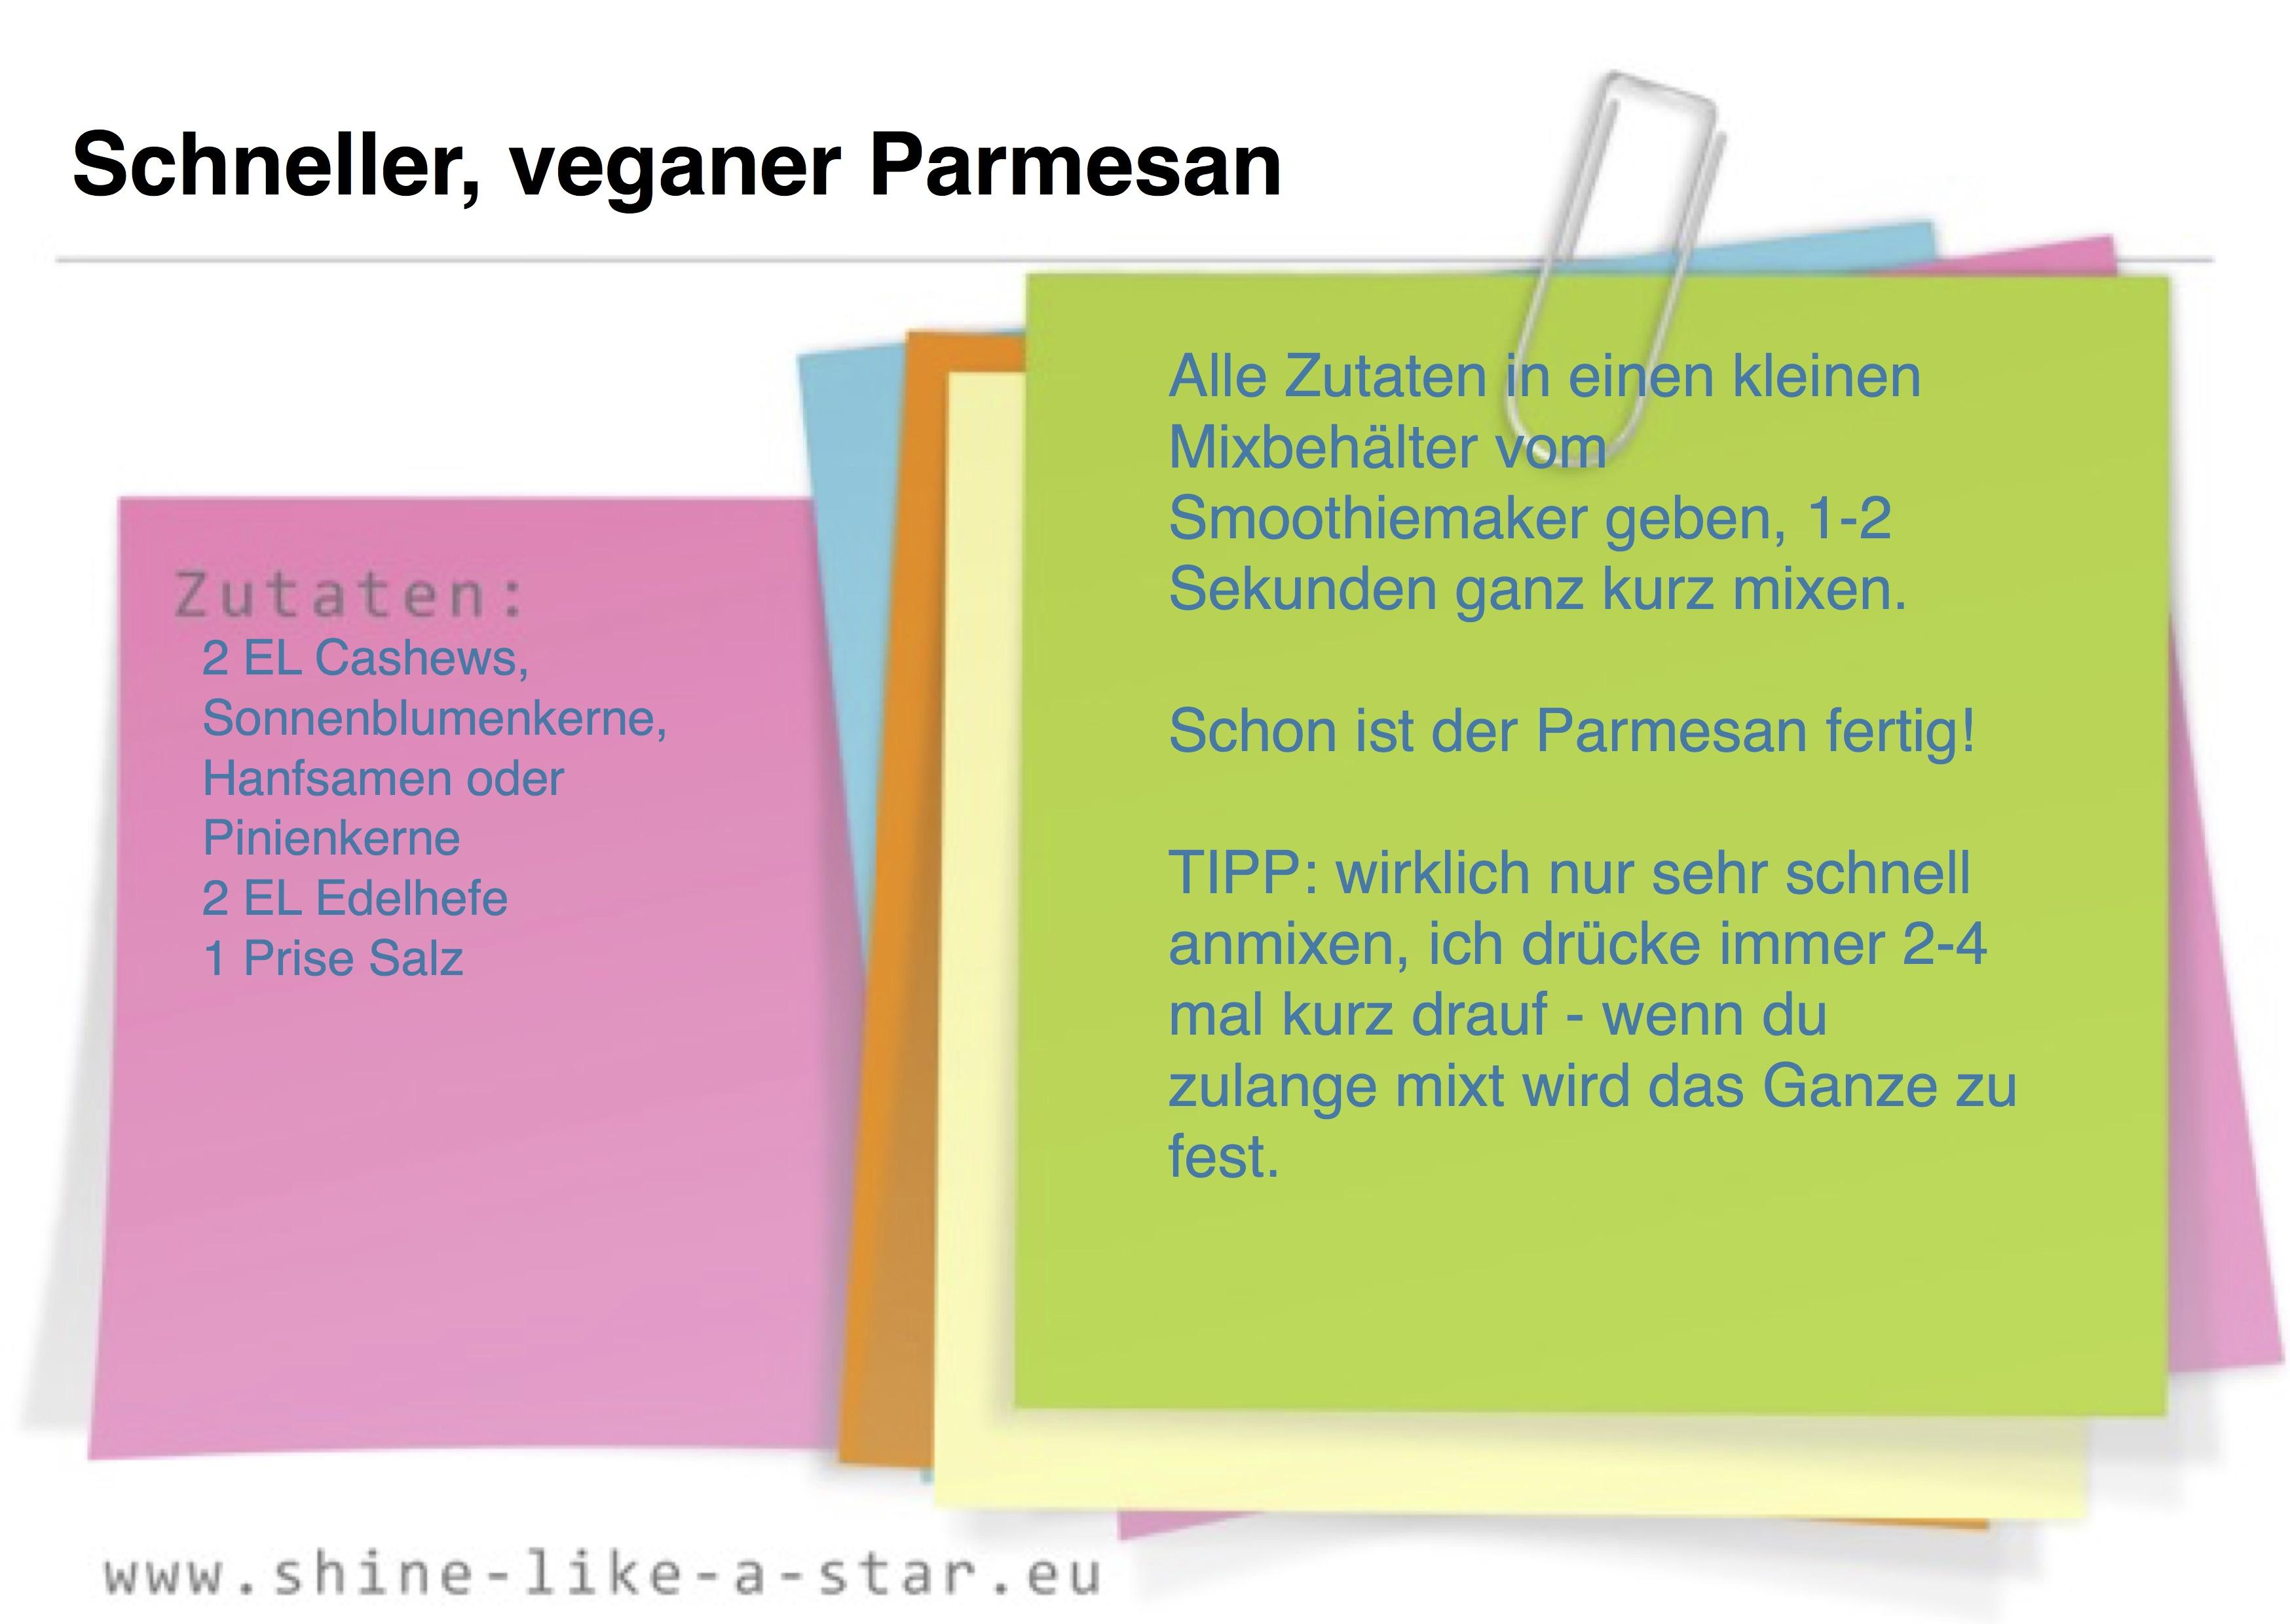 Schneller, veganer Parmesan